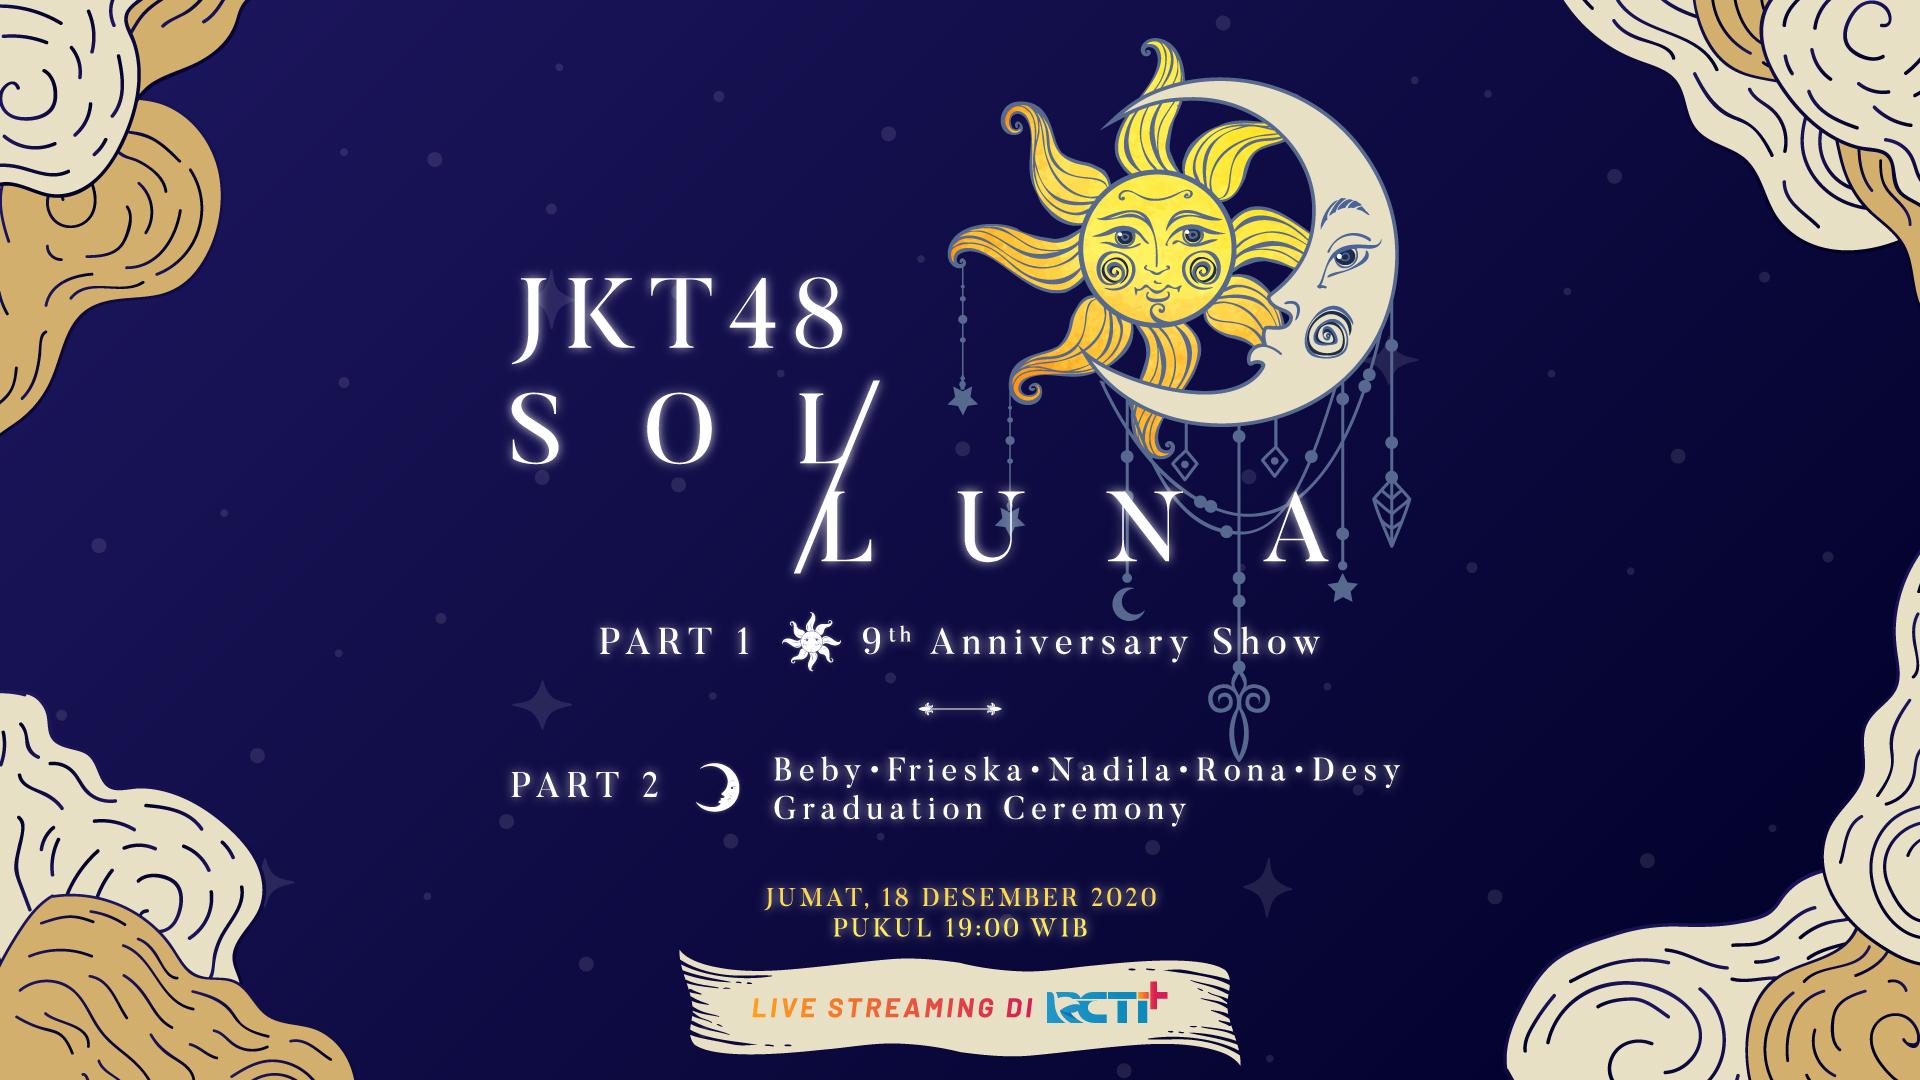 JKT48 SOL/LUNA